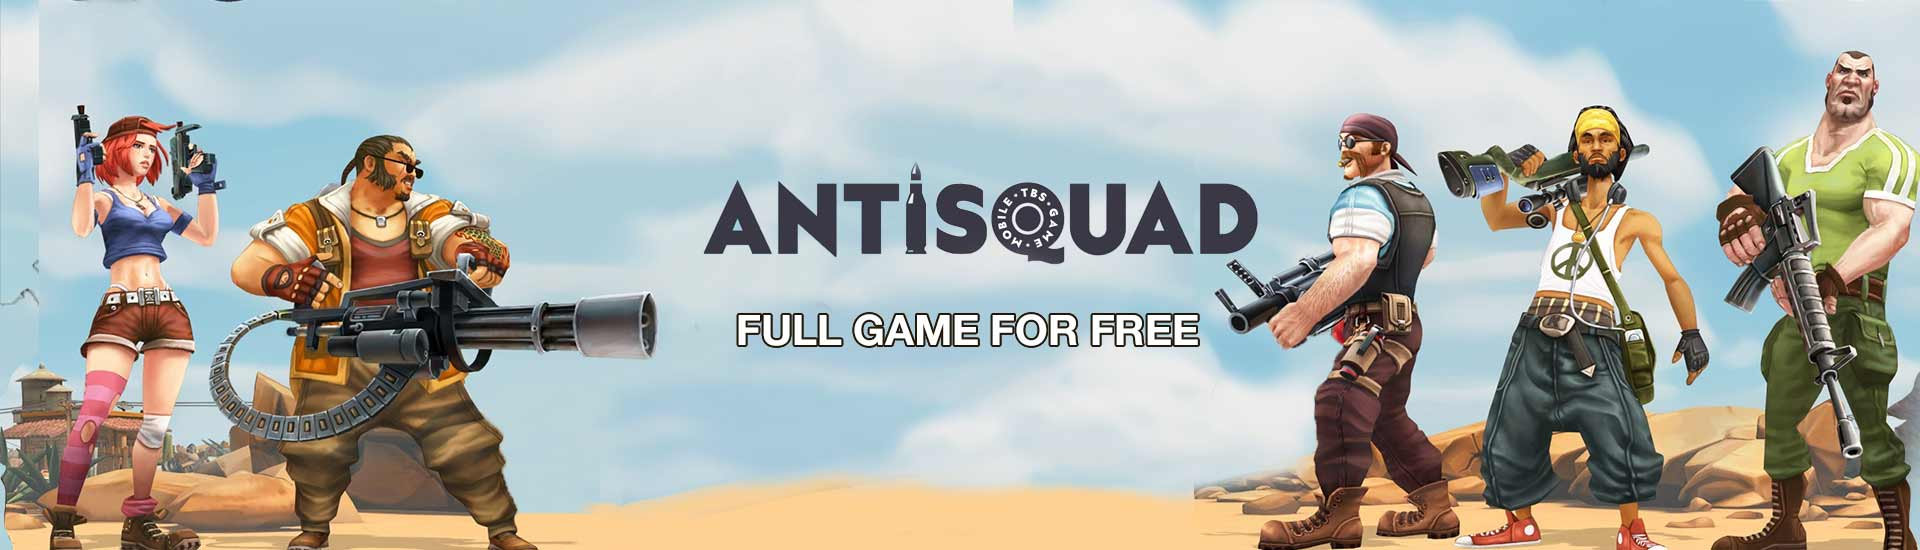 Antisquad cover